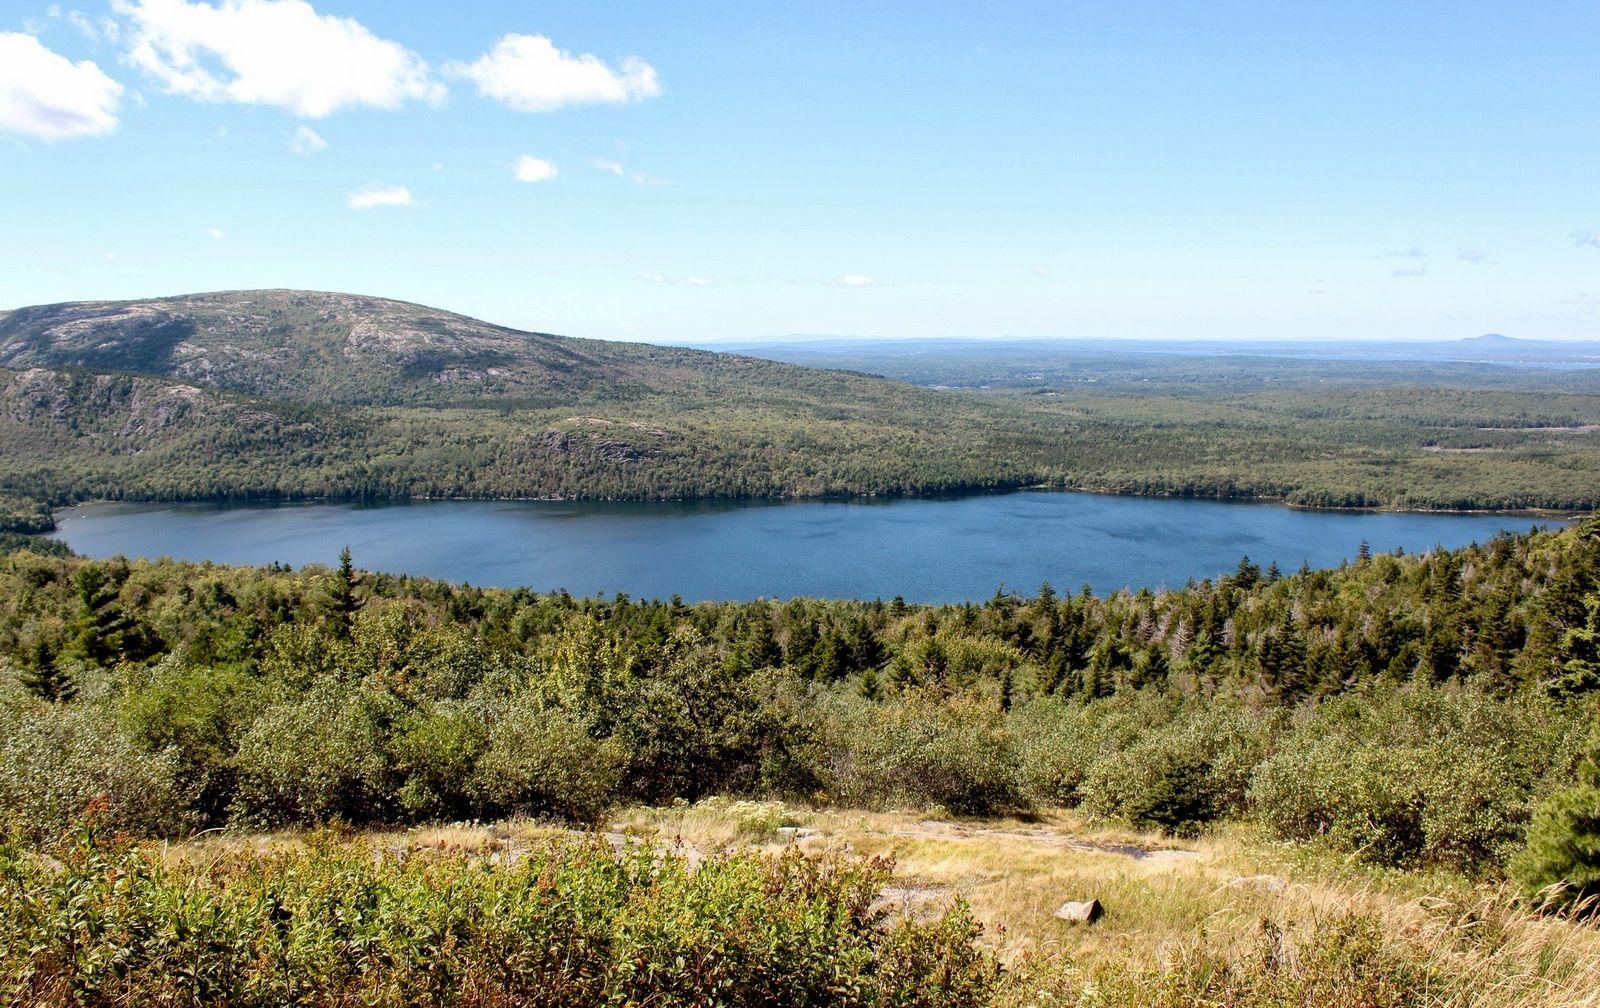 Vistas a pequeños lagos en la subida a Cadillac Mountain